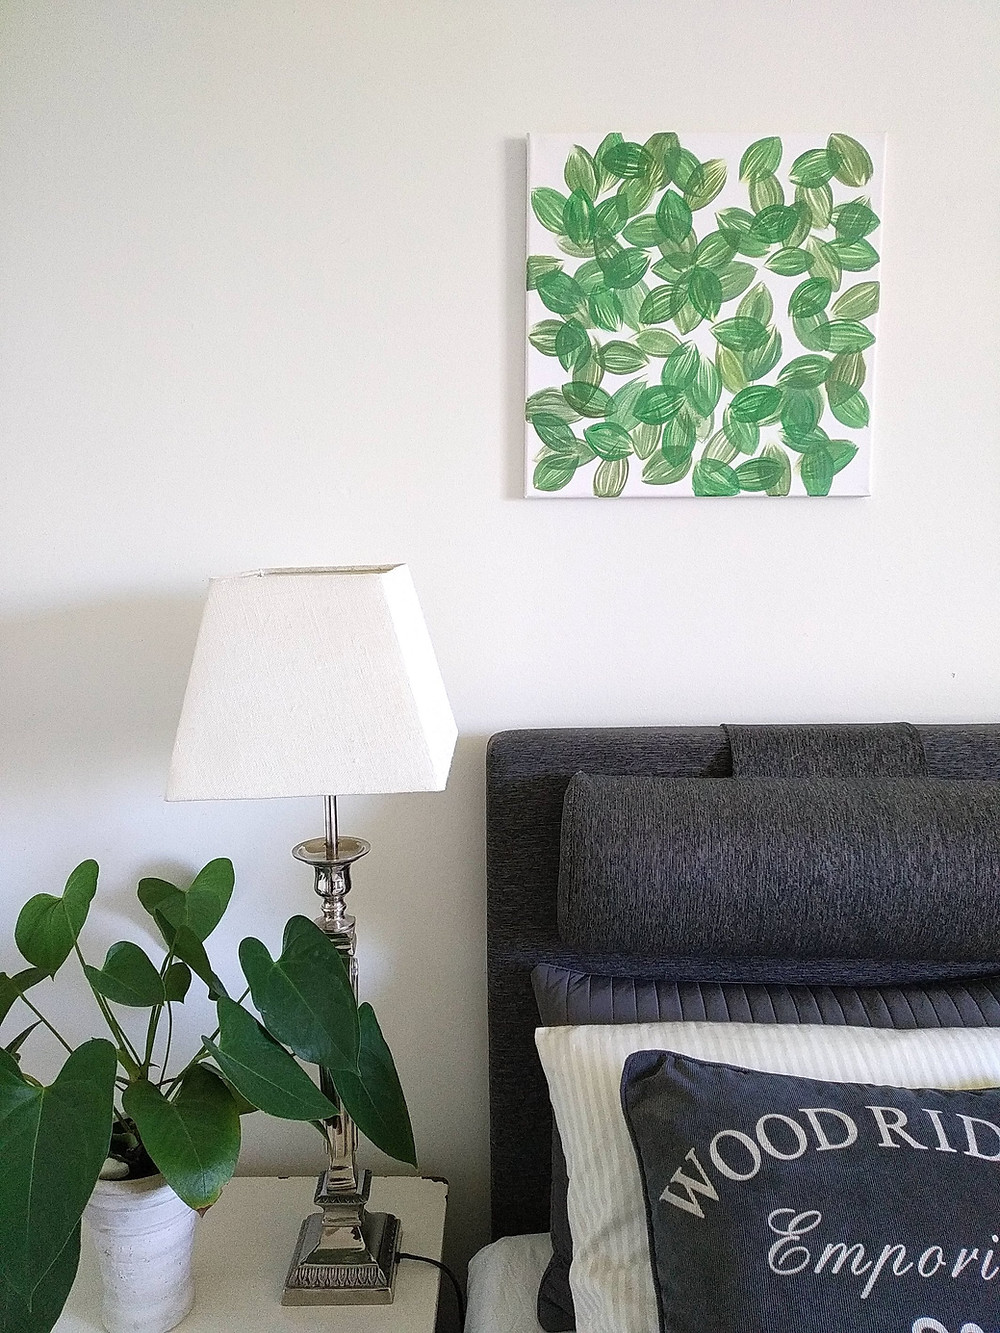 Painting by Marie Ek Lipanovska, Läkeblad för folken